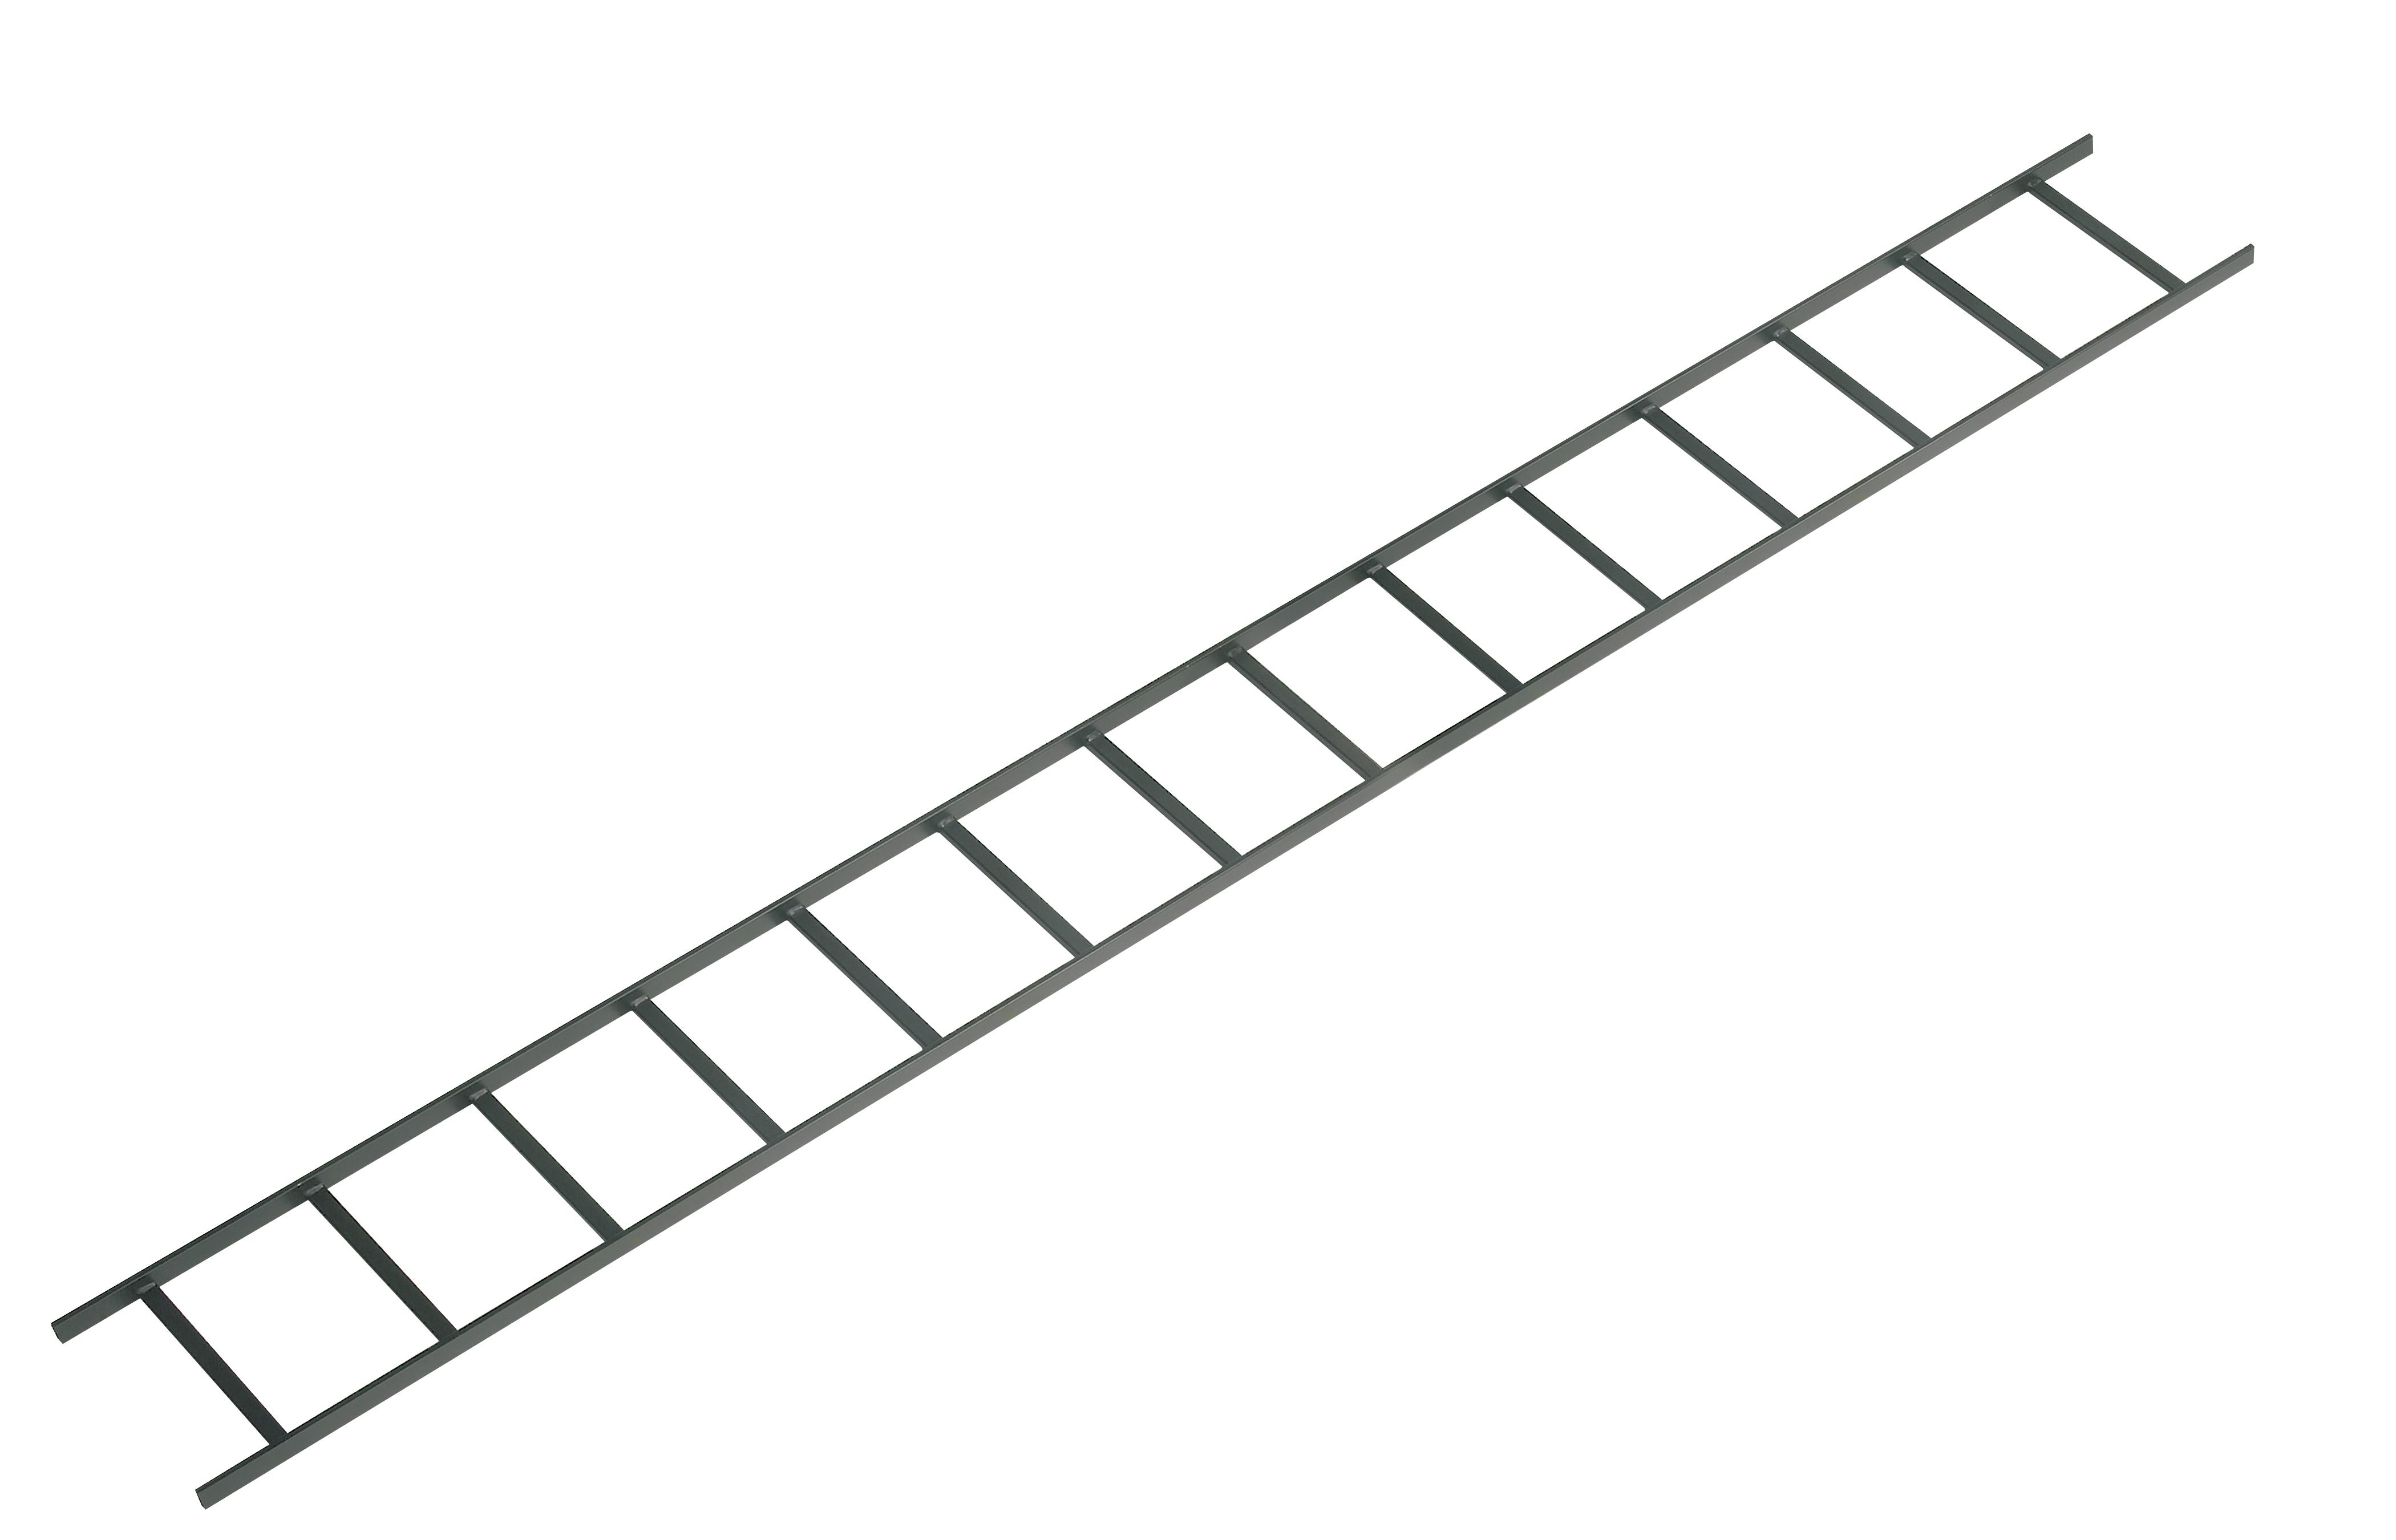 Ladder Rack 10 X12 Bk 3pack